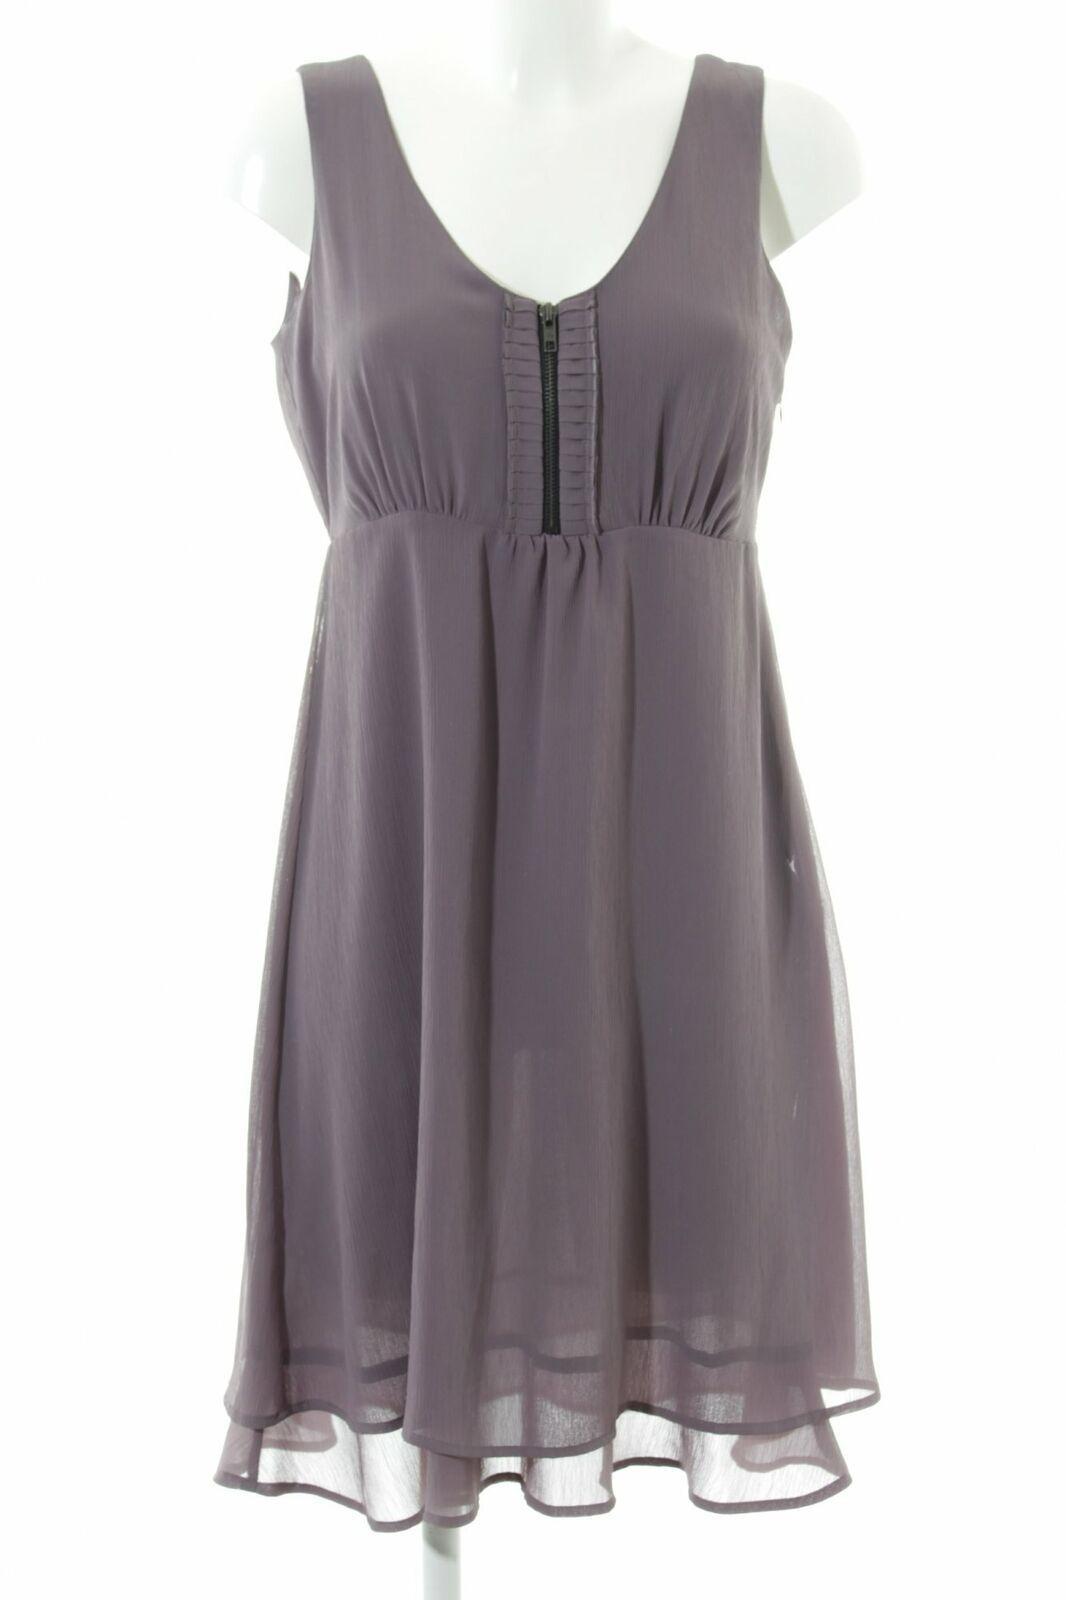 10 Wunderbar Abendkleid Zero Ärmel13 Genial Abendkleid Zero Design